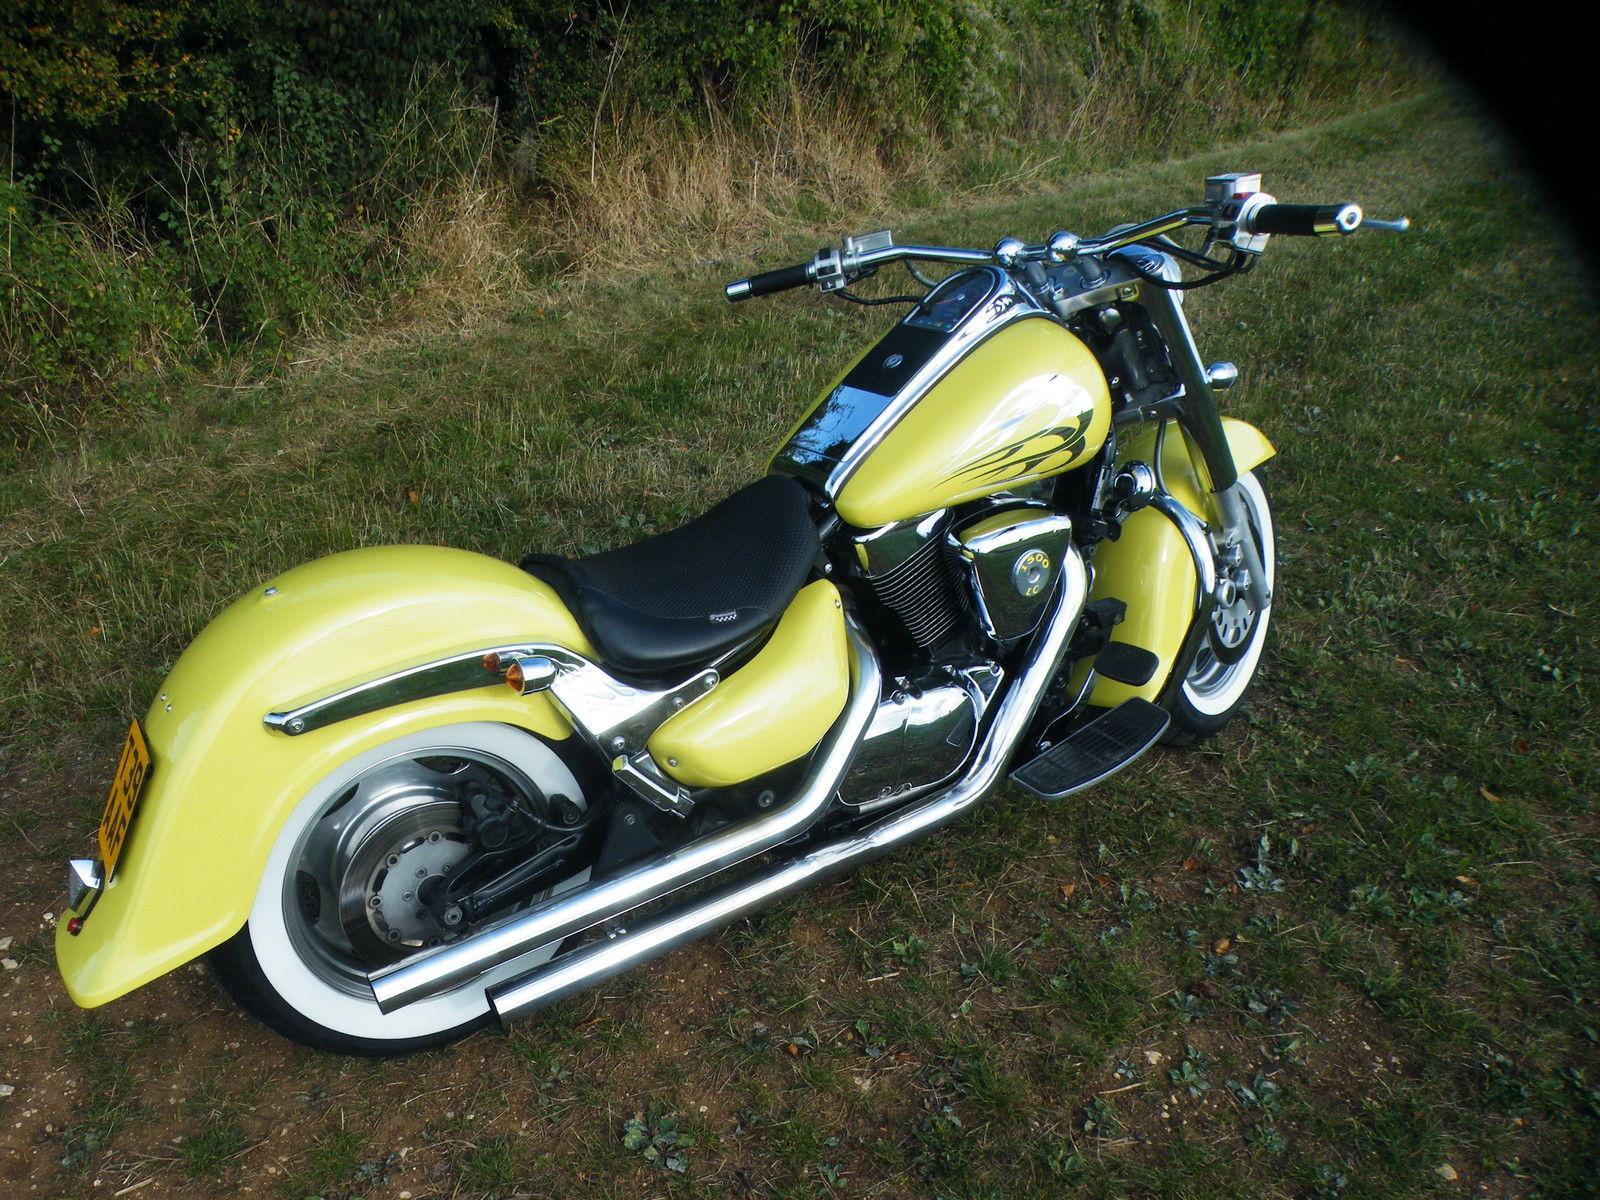 2002 Suzuki Intruder LC VL 1500 Motorcycle From